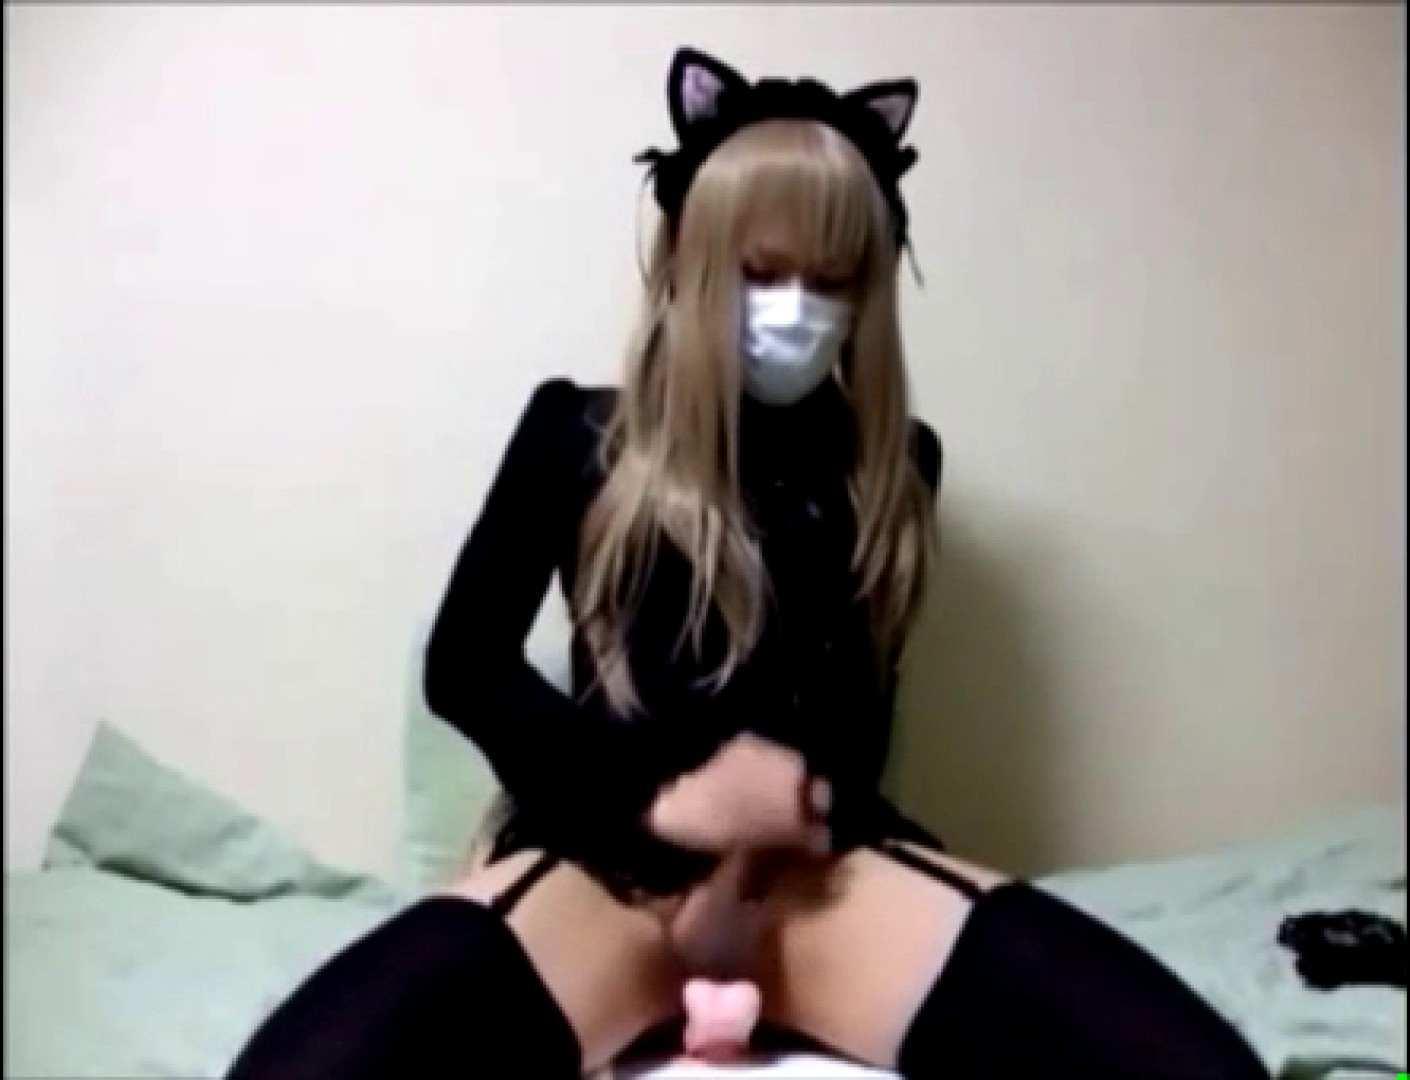 男のKOスプレー!Vol.12 流出作品 ゲイアダルトビデオ画像 105pic 104